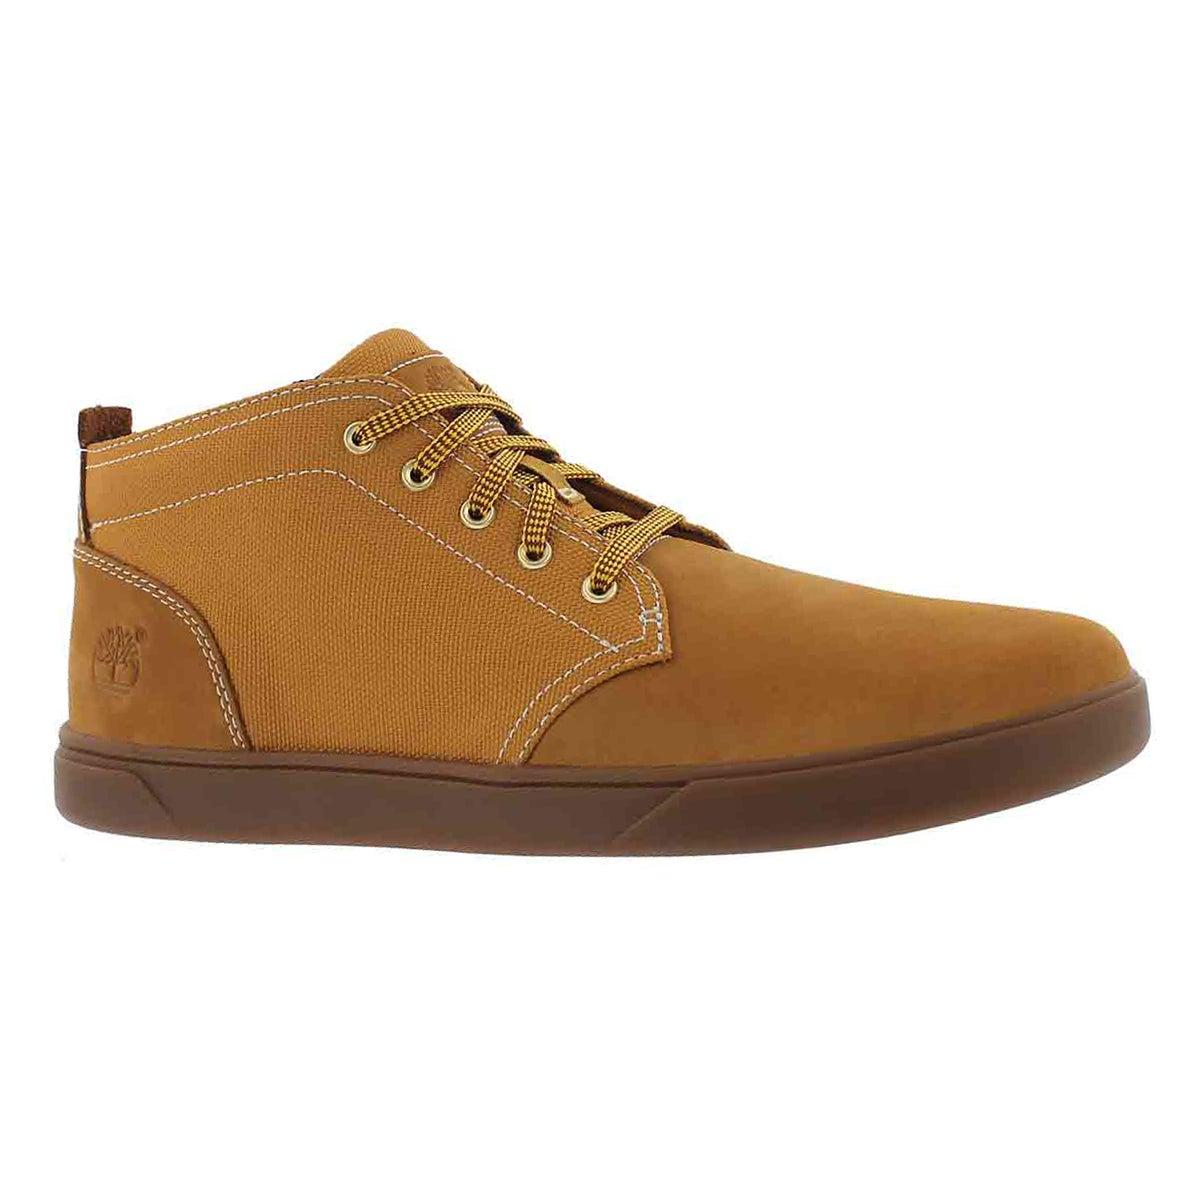 Men's GROVETON wheat chukka boots